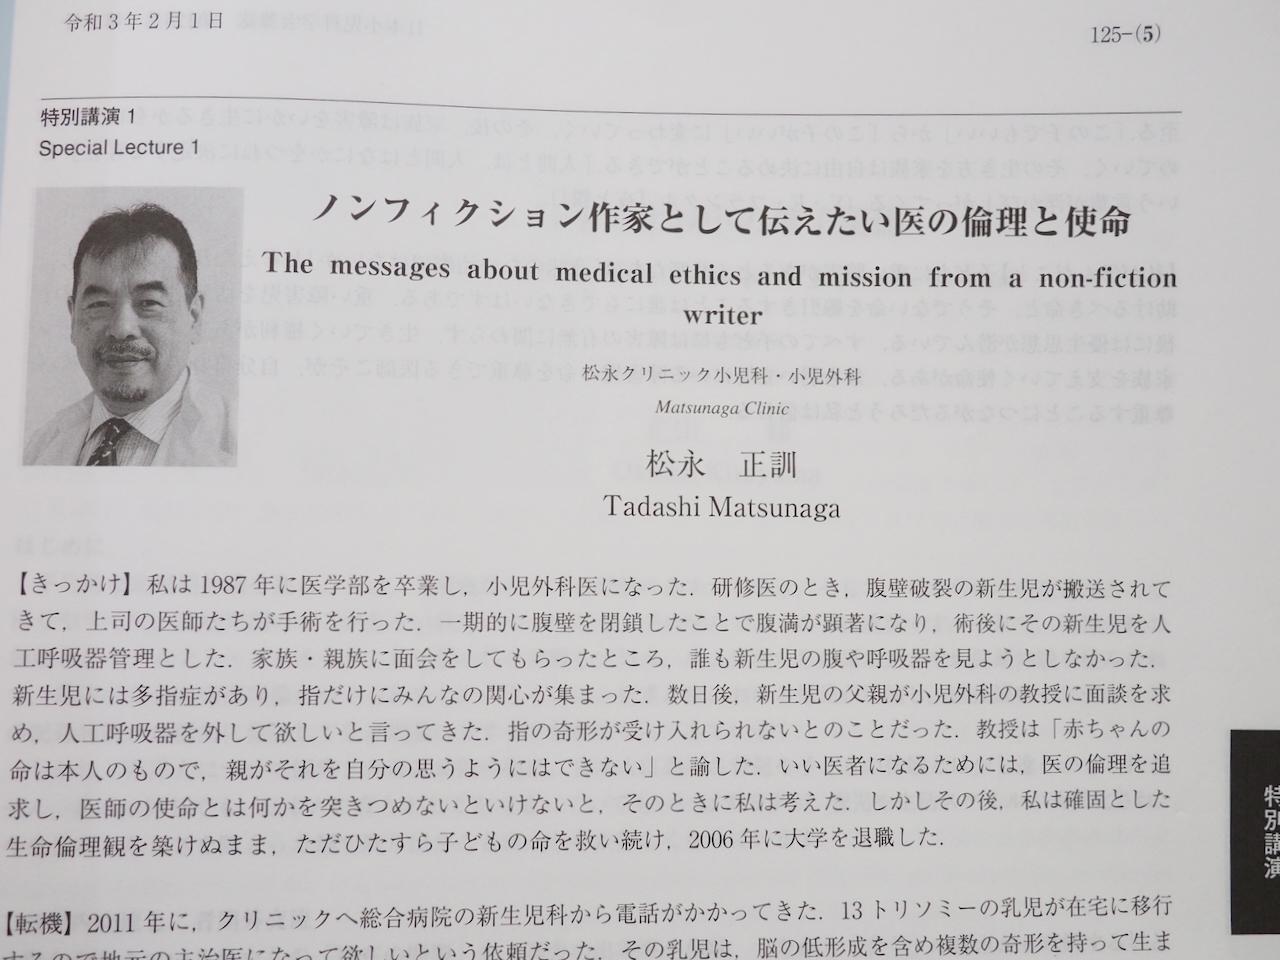 日本小児科学会・特別講演